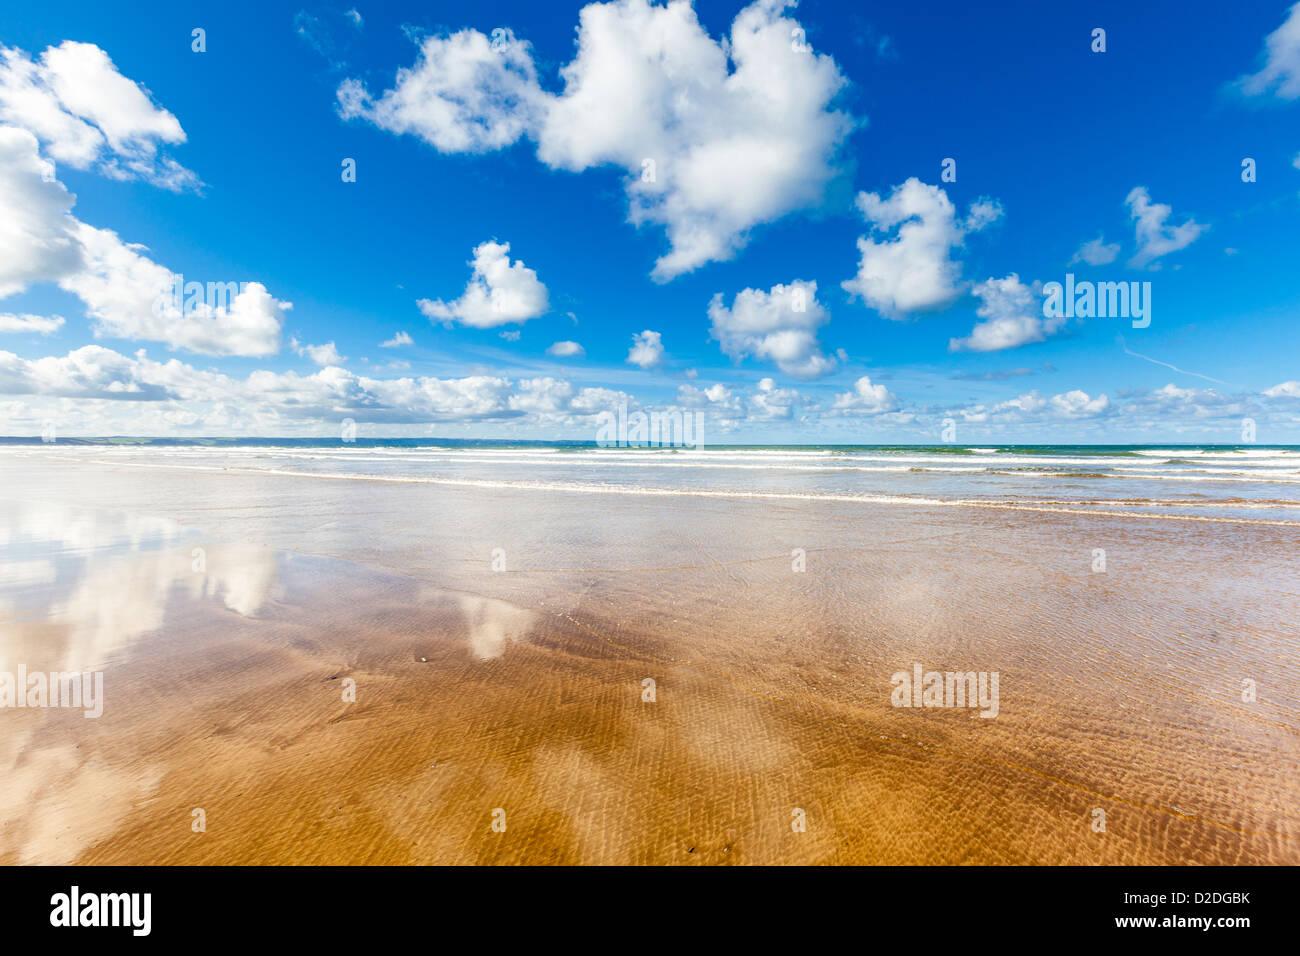 Leerer Strand mit flauschigen Wolken reflektiert im nassen Sand, Saunton Sands in North Devon, UK. Stockbild